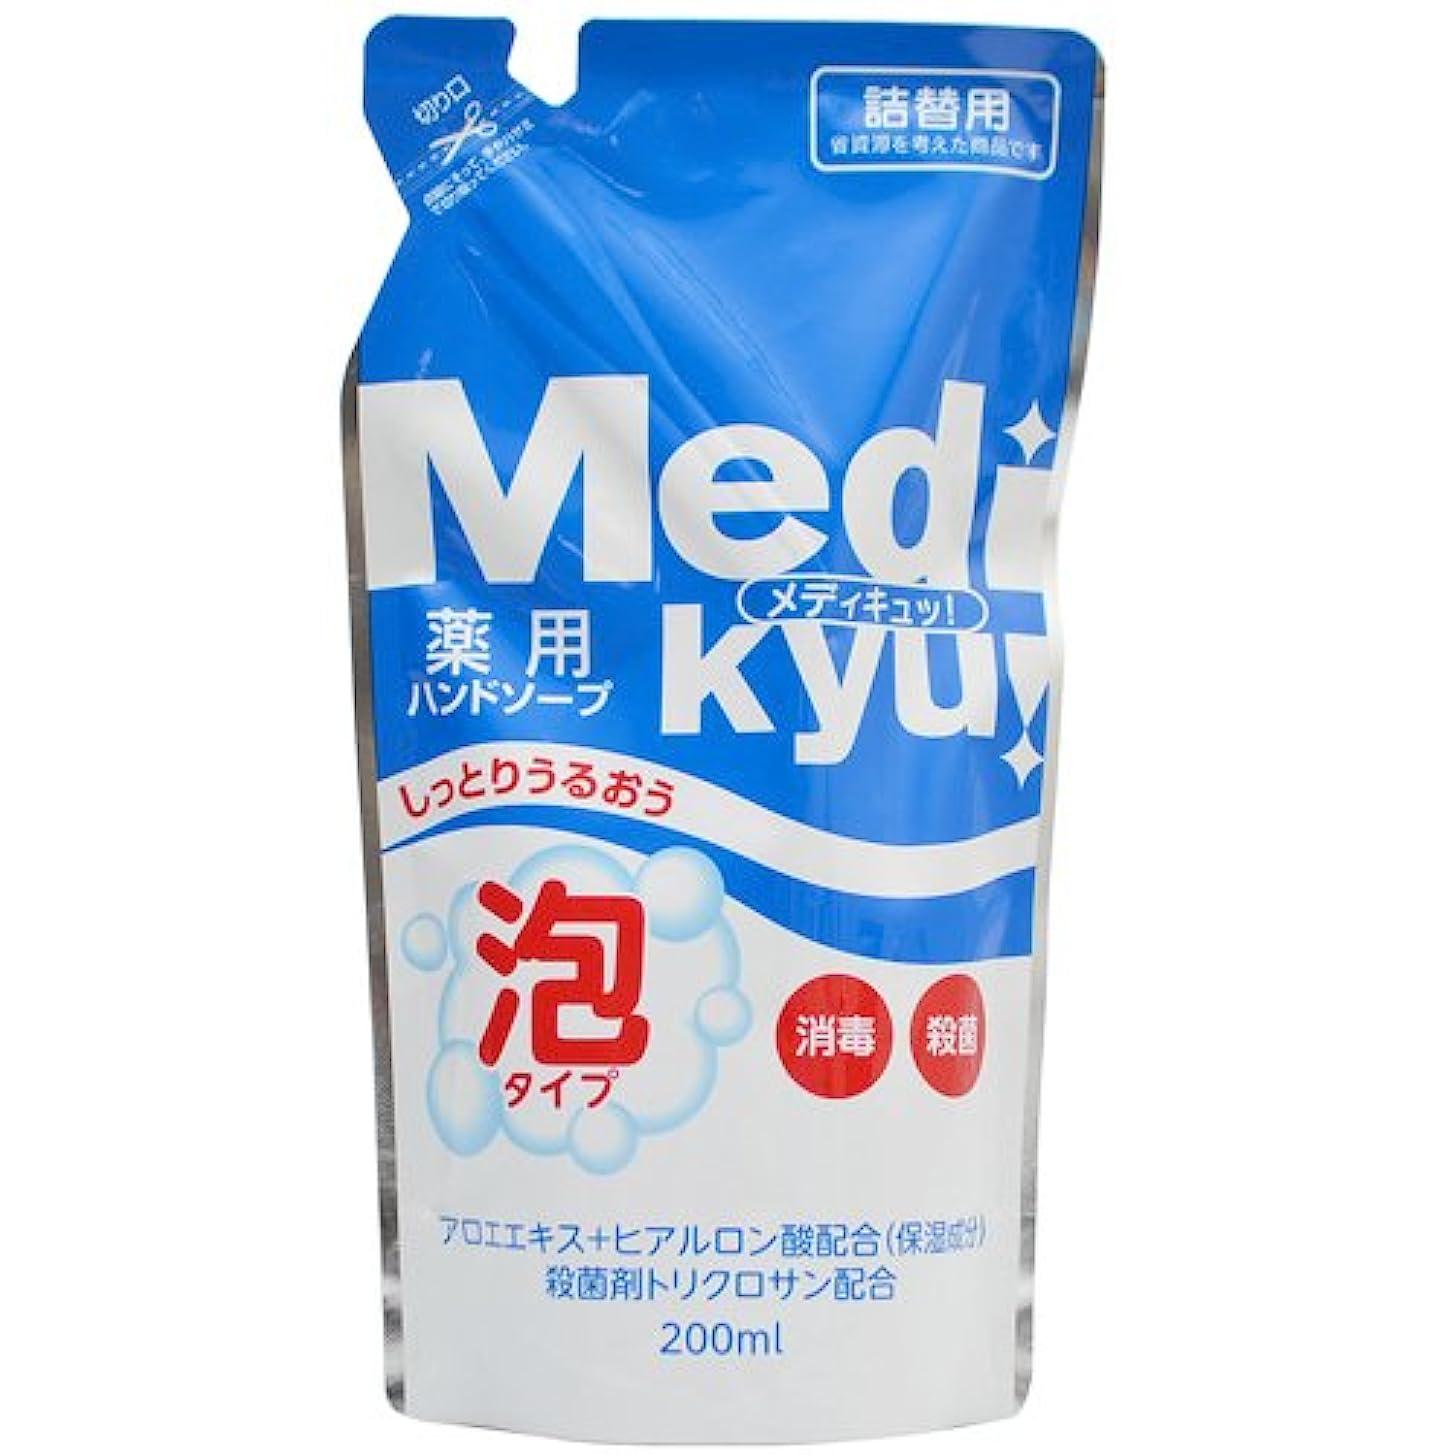 コーヒーまだ形成エオリア 薬用ハンドソープ メディキュッ 泡タイプ 詰替用 200ml×30点セット (4571113800956)